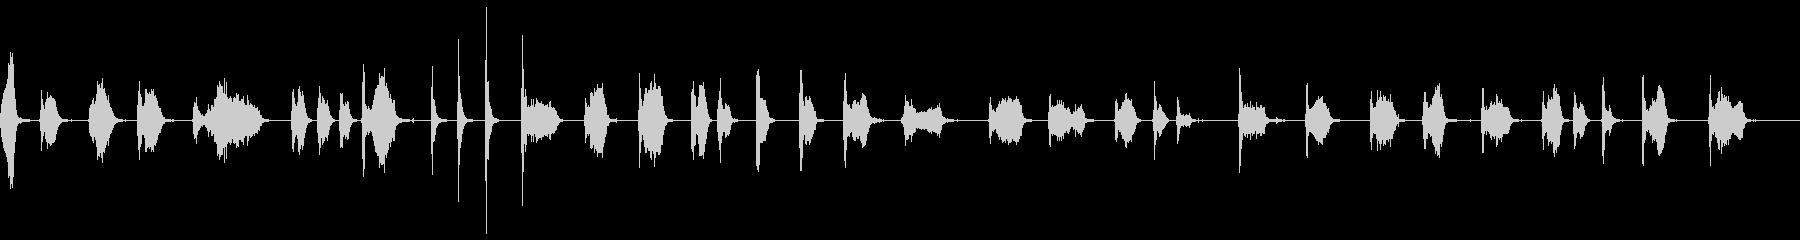 スイープフロア:通常。の未再生の波形